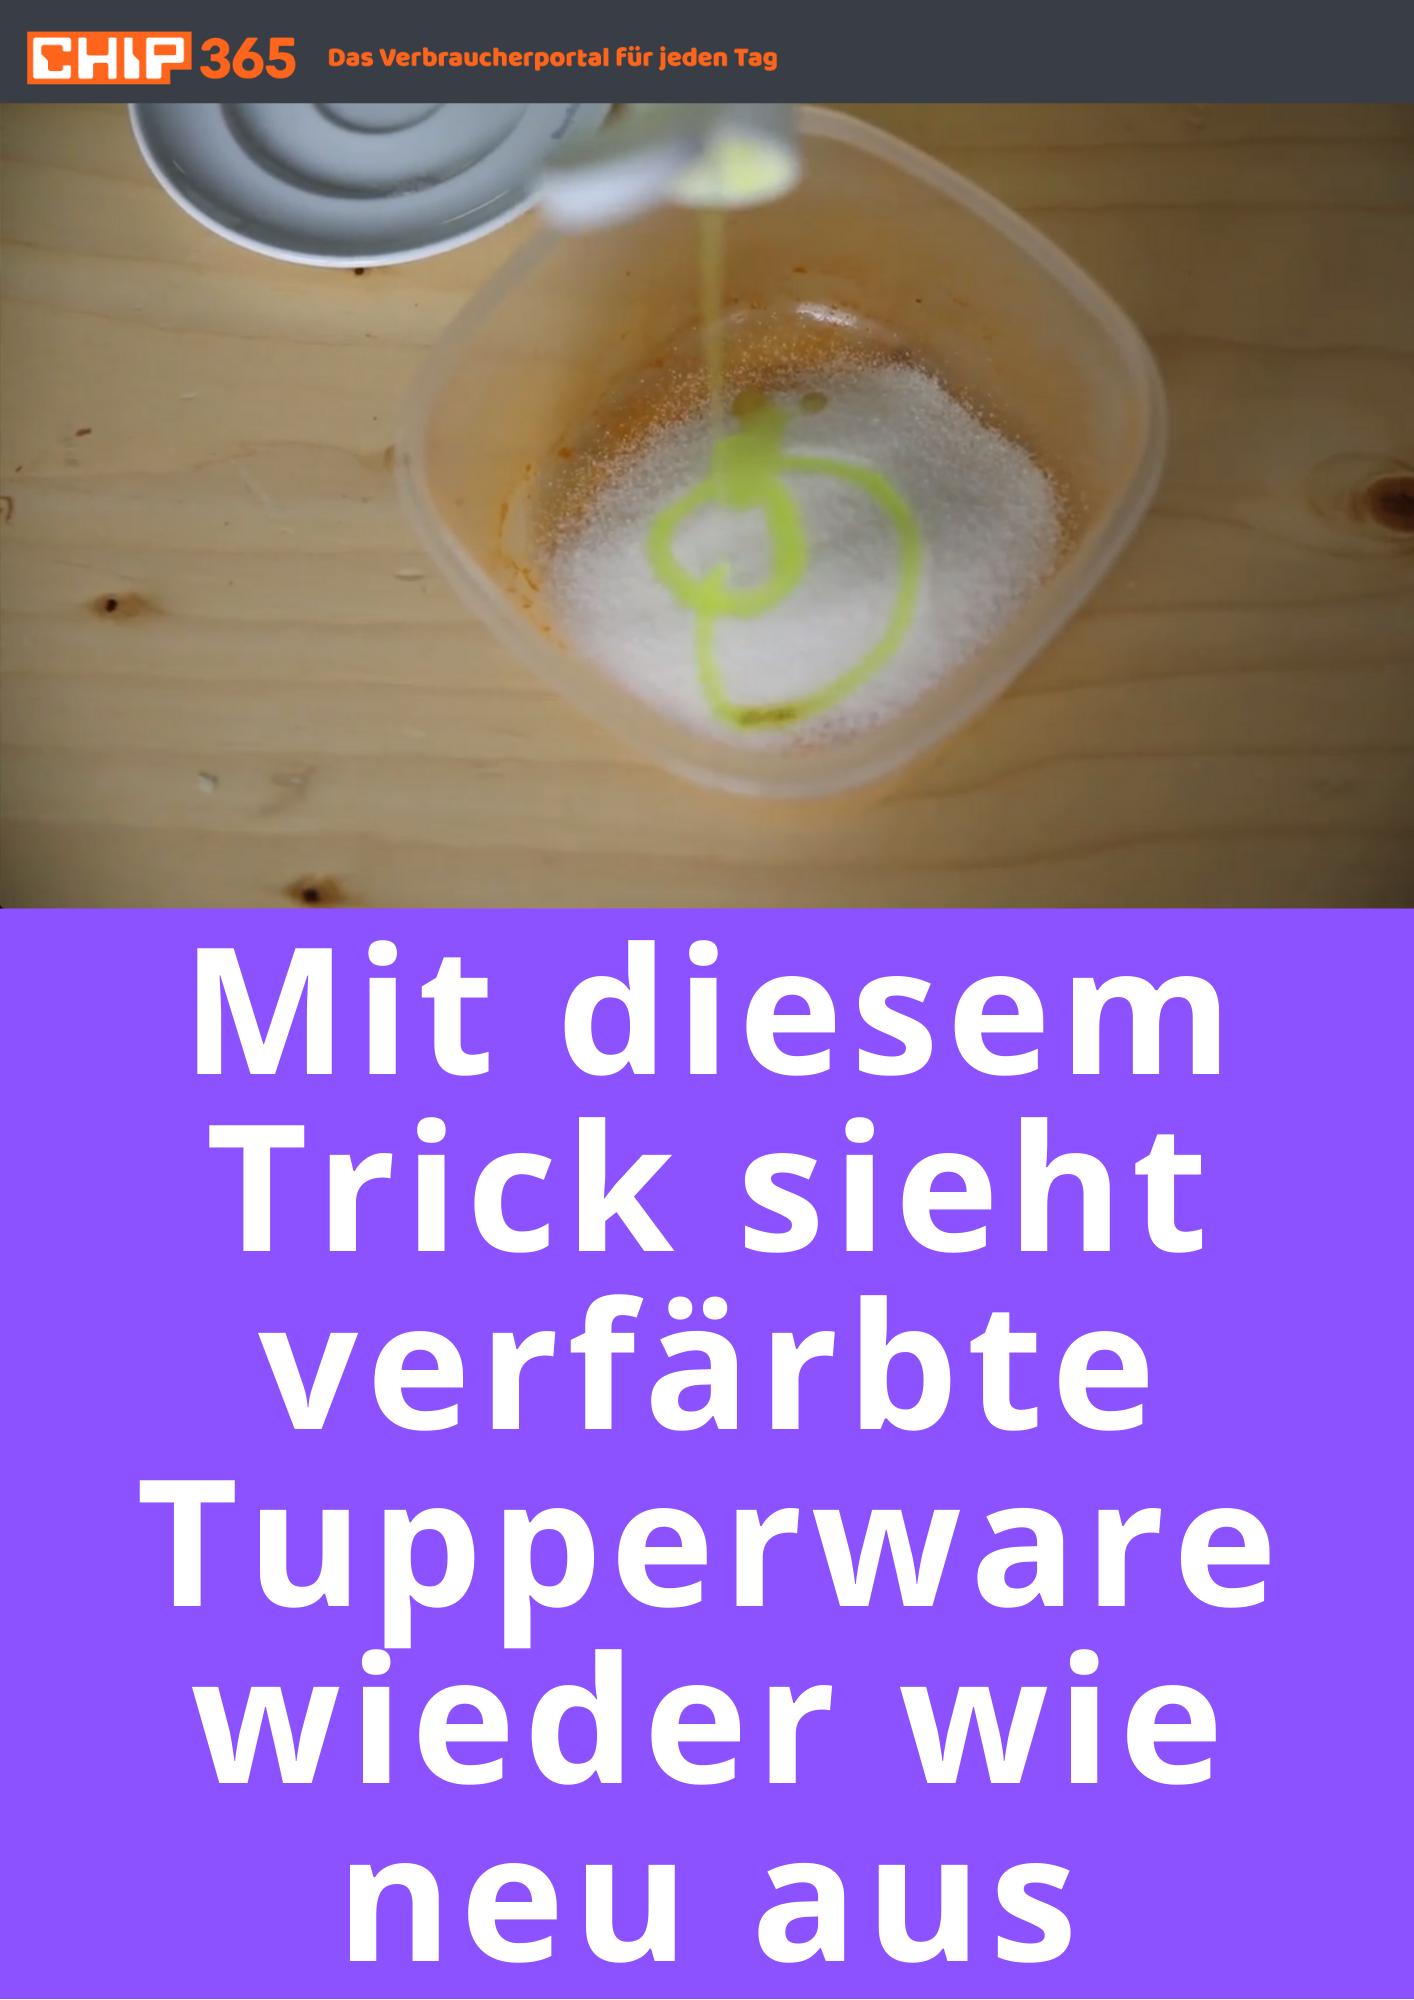 Mit diesem Trick sieht verfärbte Tupperware wieder wie neu aus